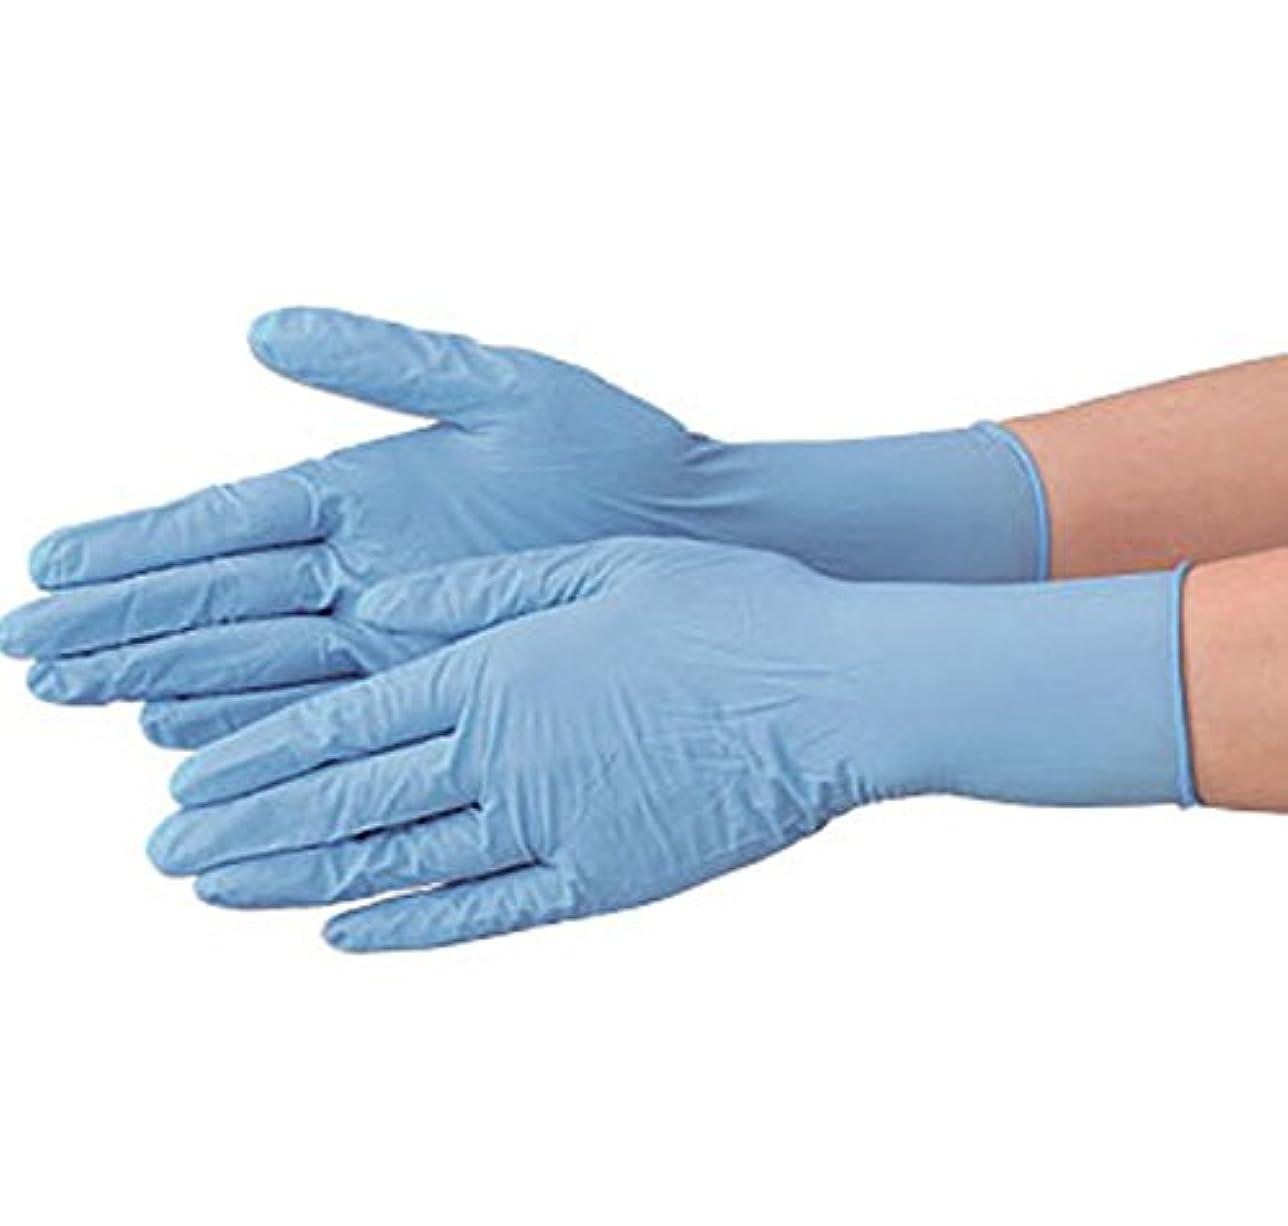 フィットネスイーウェル穴使い捨て 手袋 エブノ 575 ニトリルNEOプラス ブルー Lサイズ パウダーフリー 2ケース(100枚×40箱)